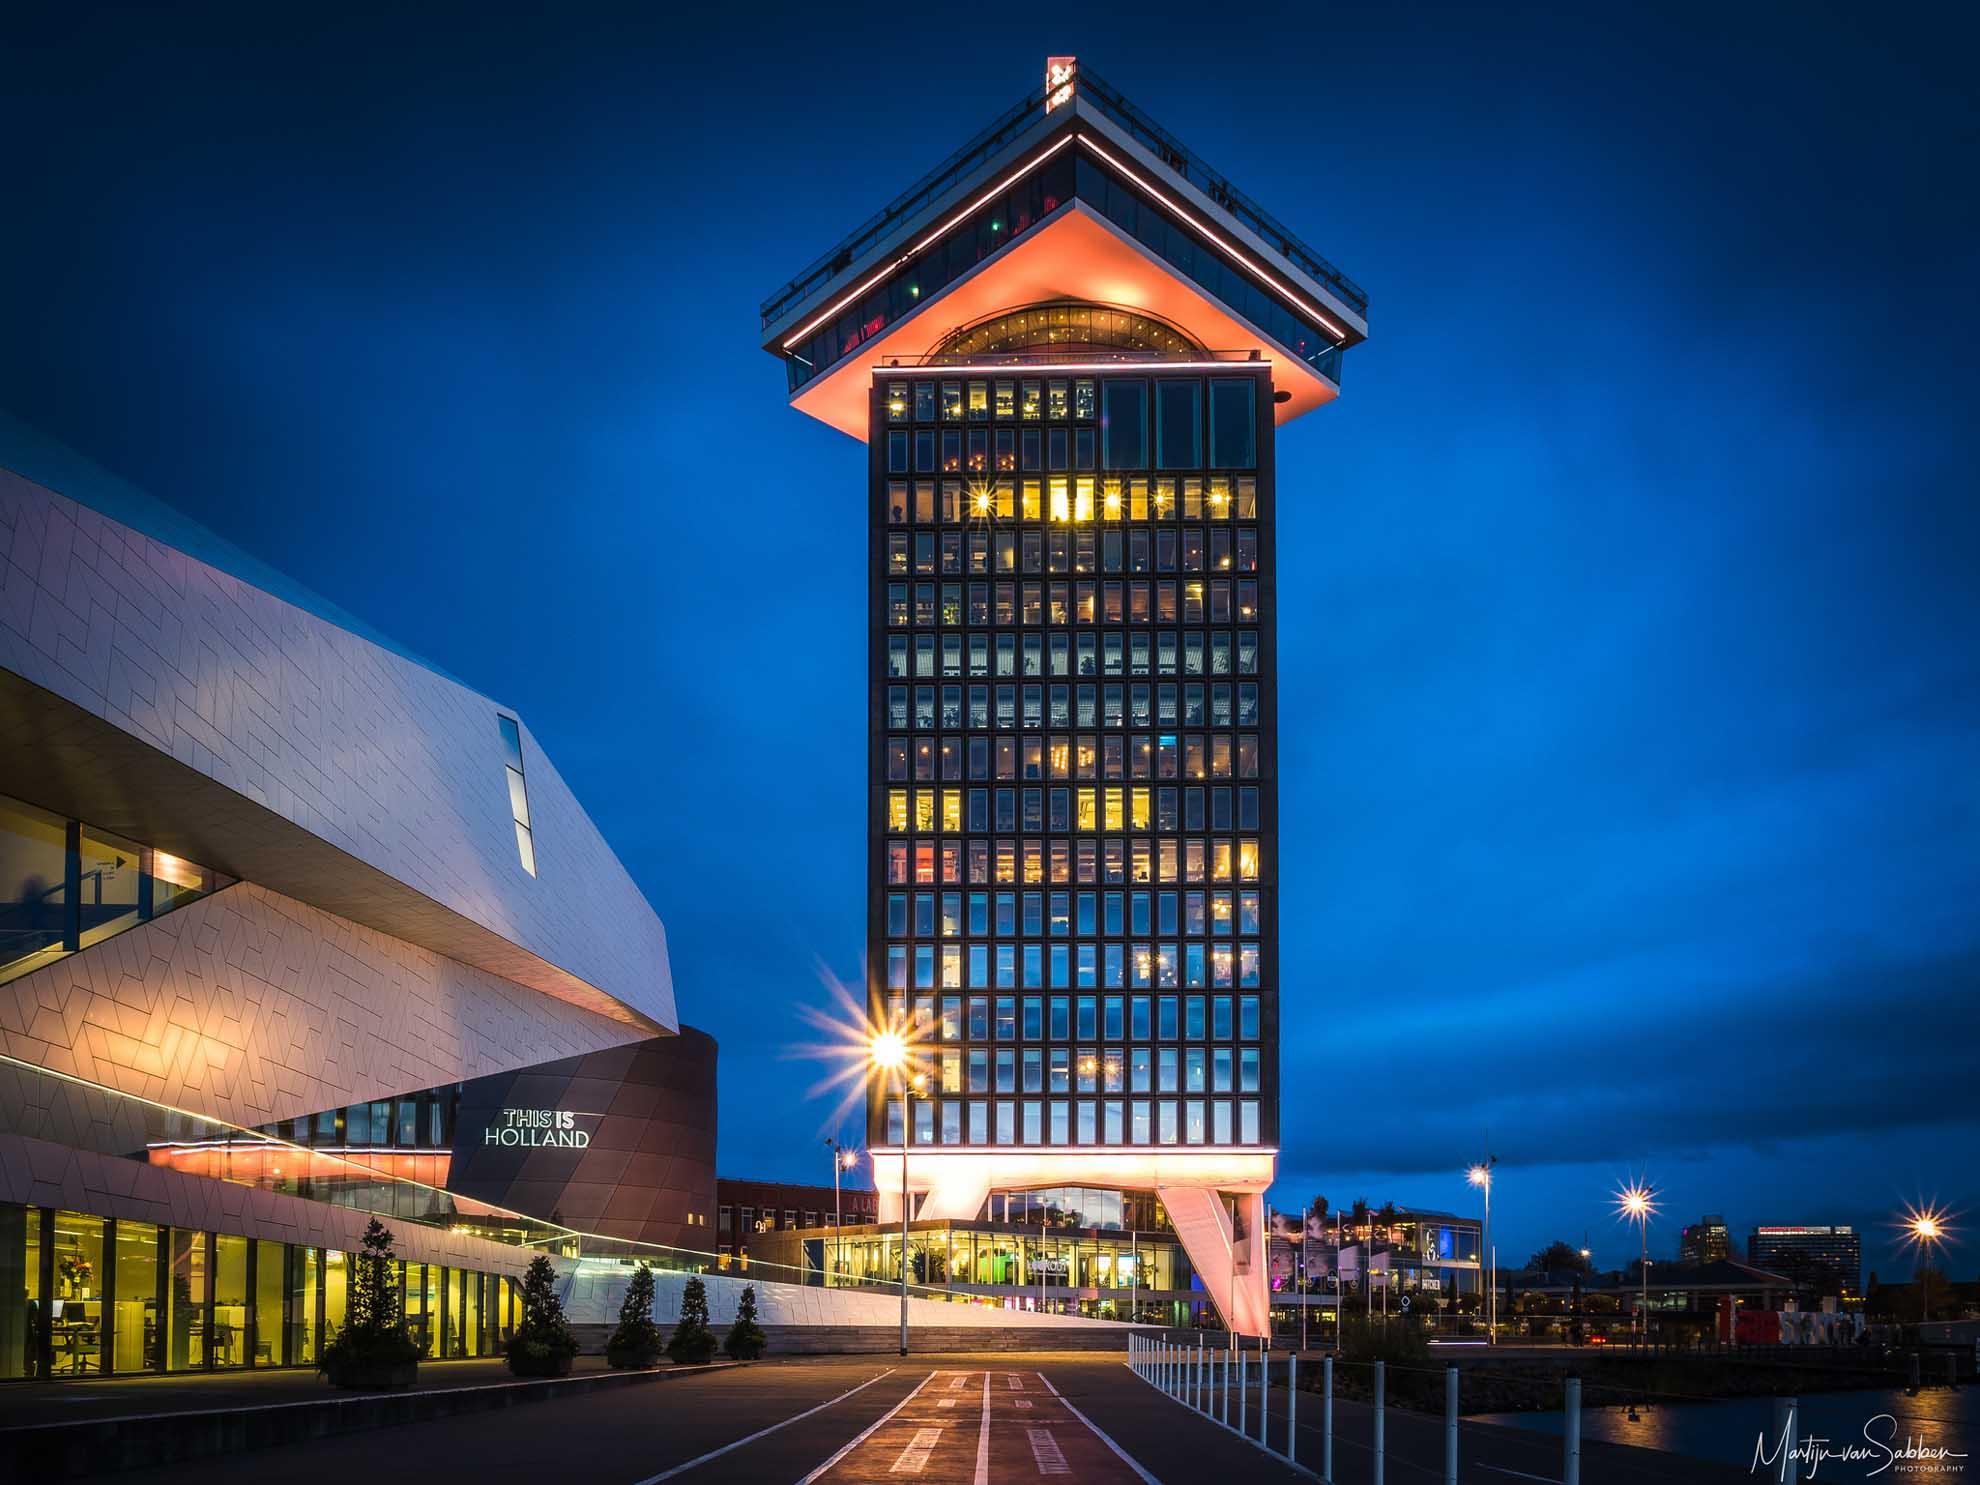 Foto Martijn van Sabben